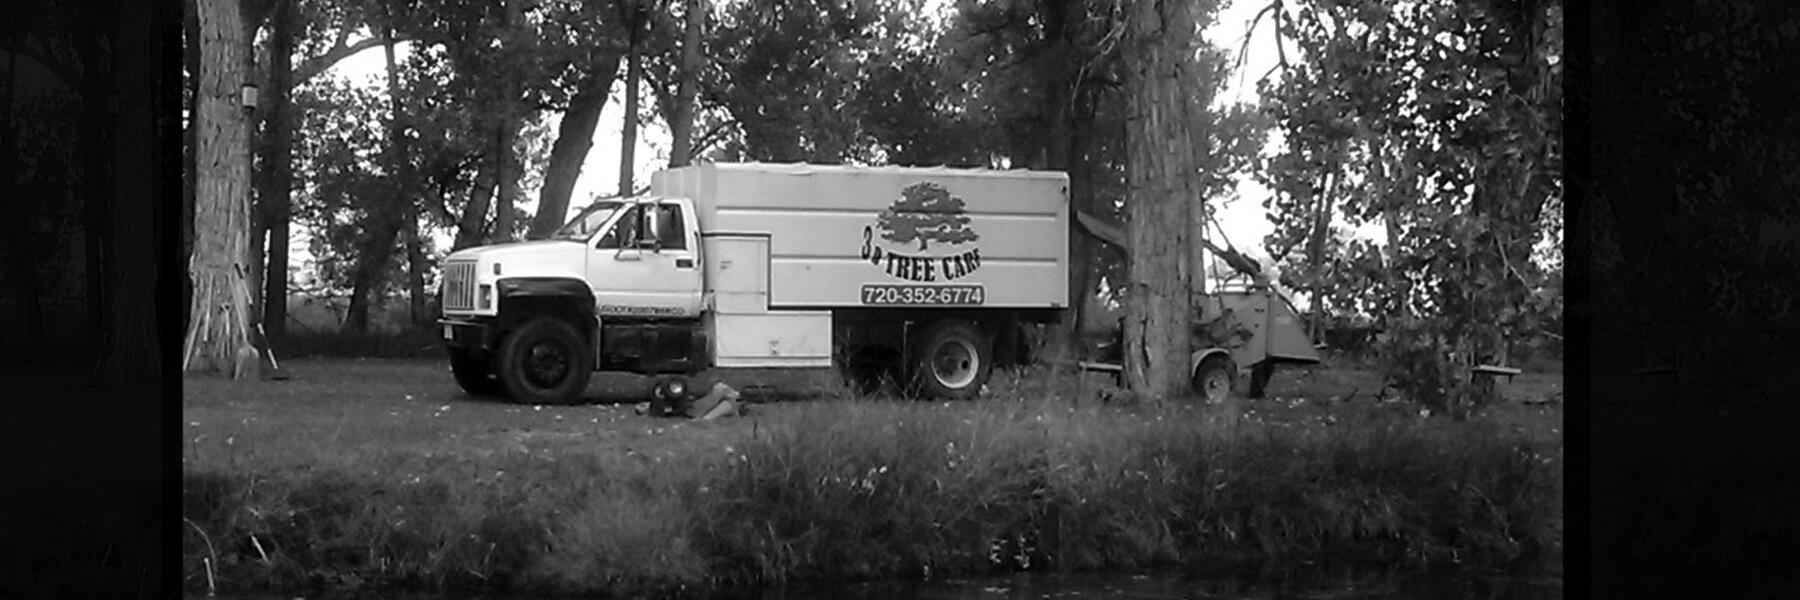 big-truck-bw